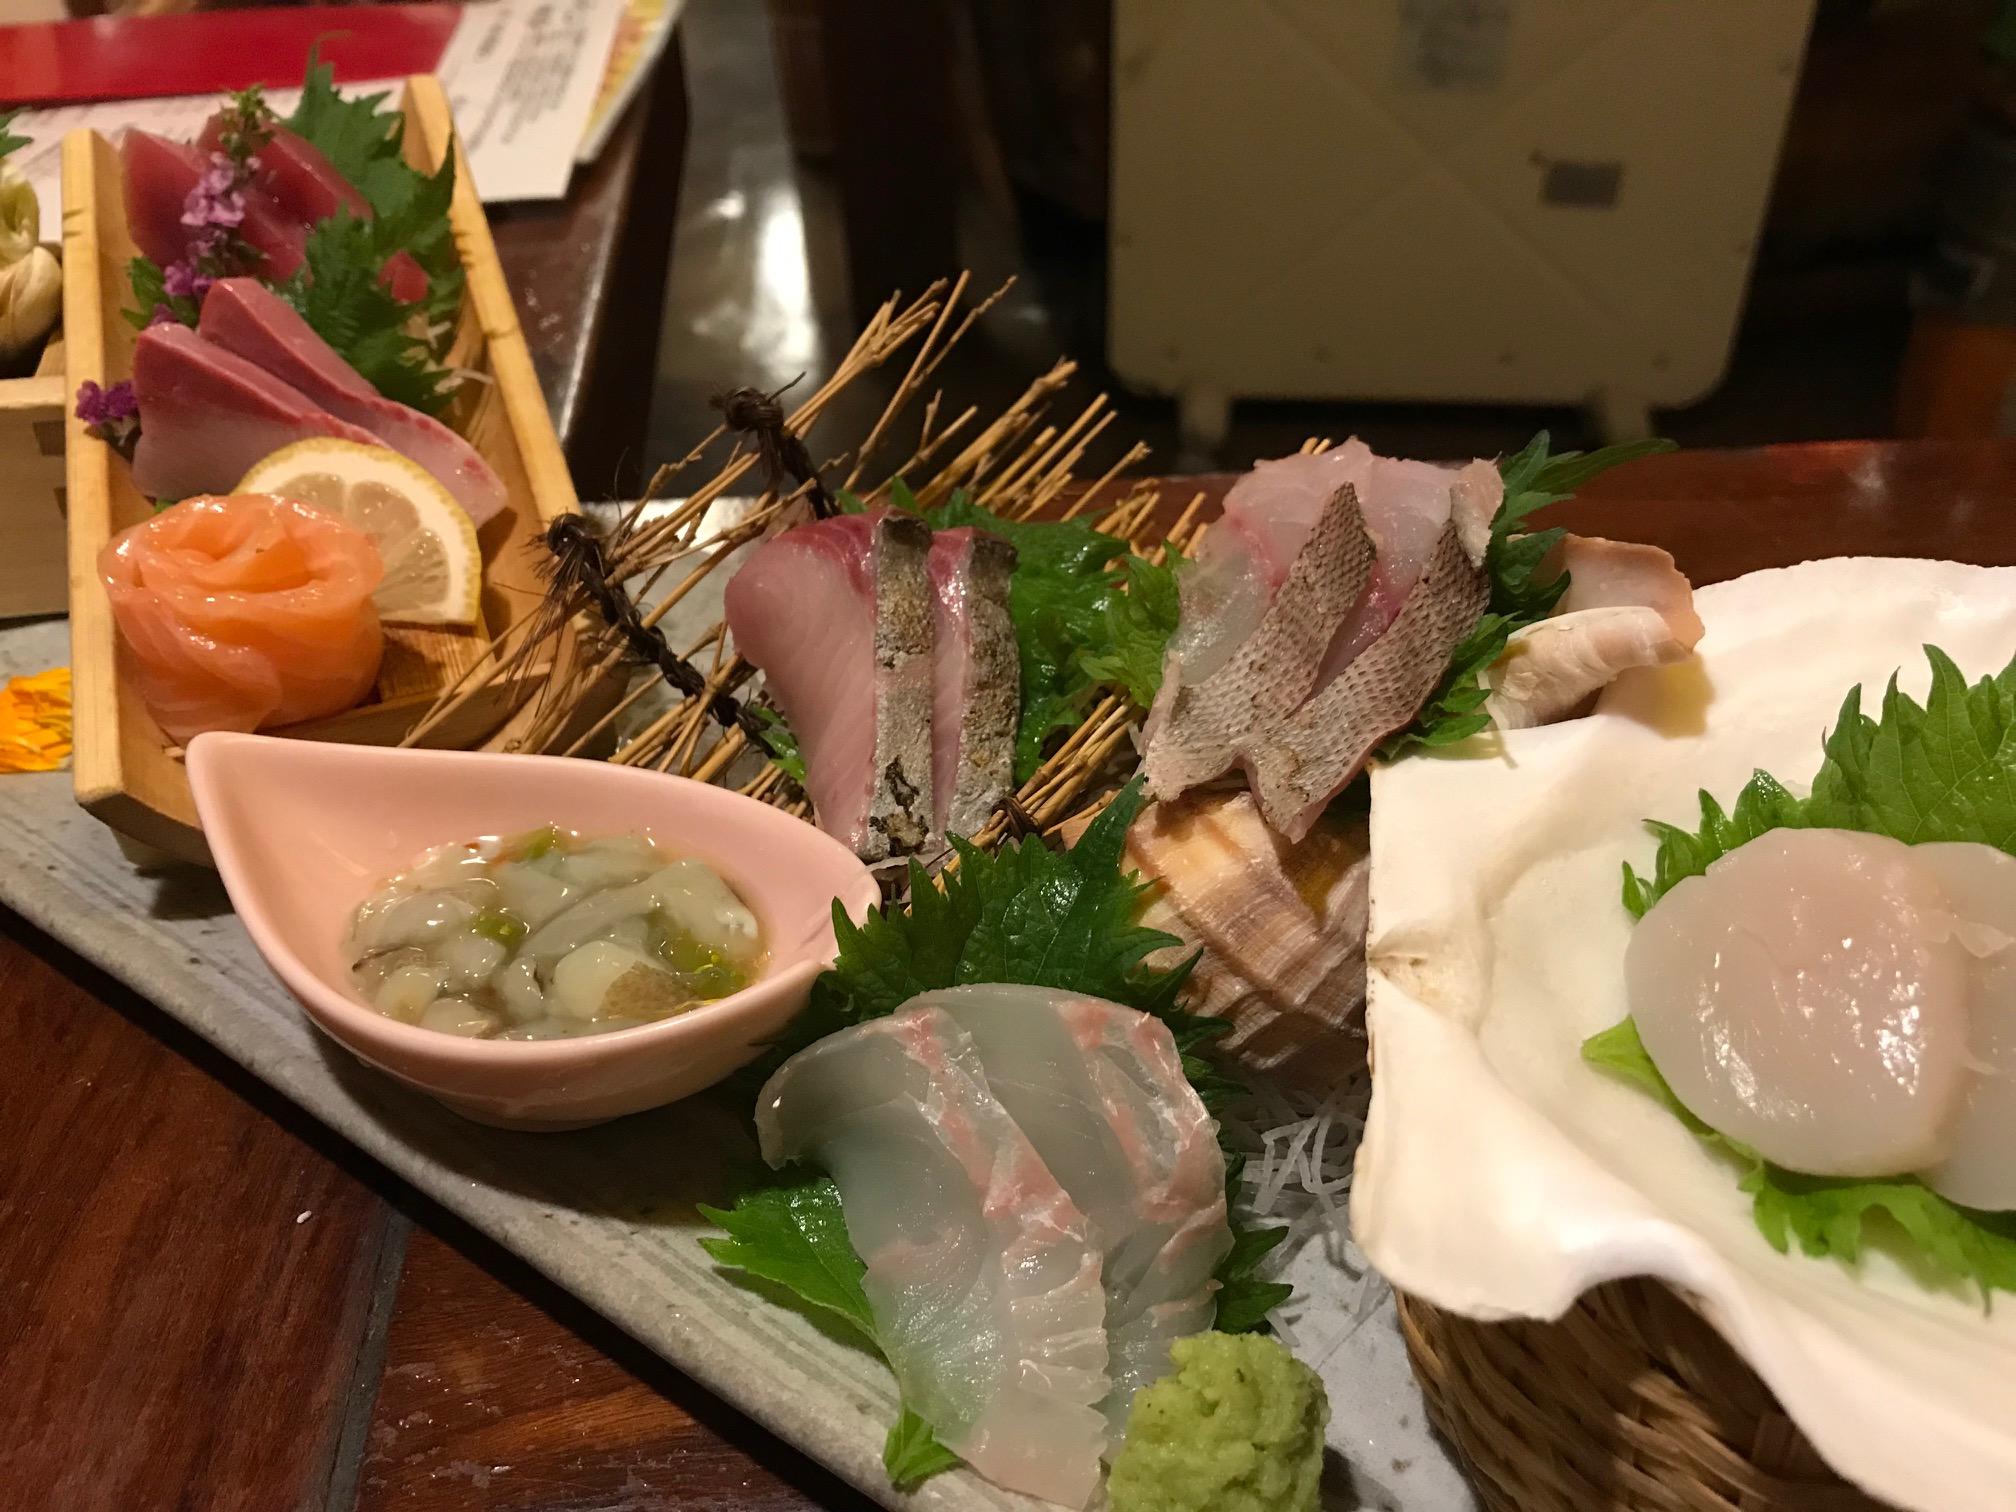 【小田原店】海鮮問屋 ふじ丸 小田原駅前店(小田原栄町)